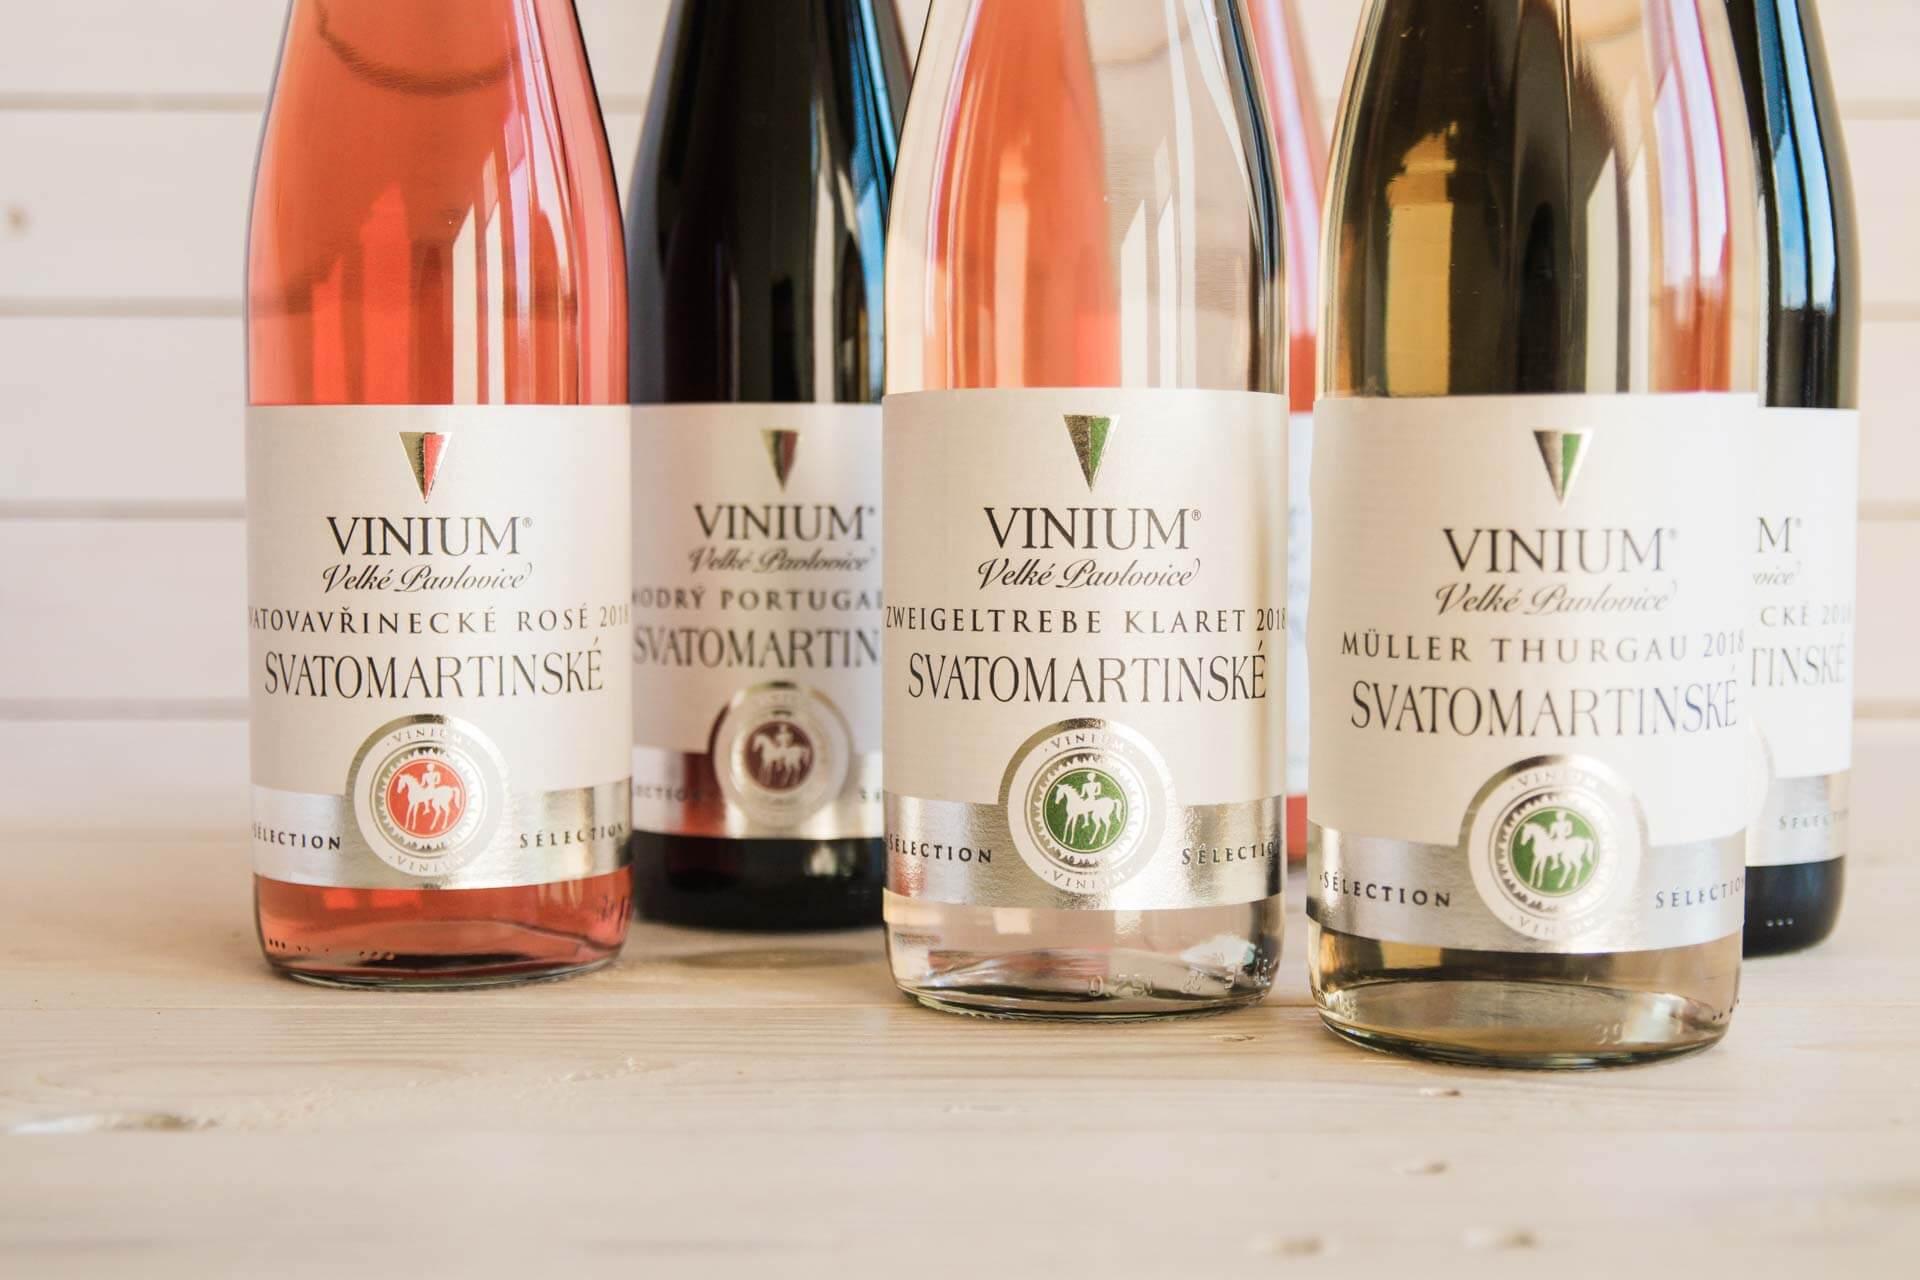 Foto ke článku 4, Svatomartinské víno, Müller Thurgau, Zweigeltrebe klaret, rosé, Svatovavřinecké, Modrý Portugal